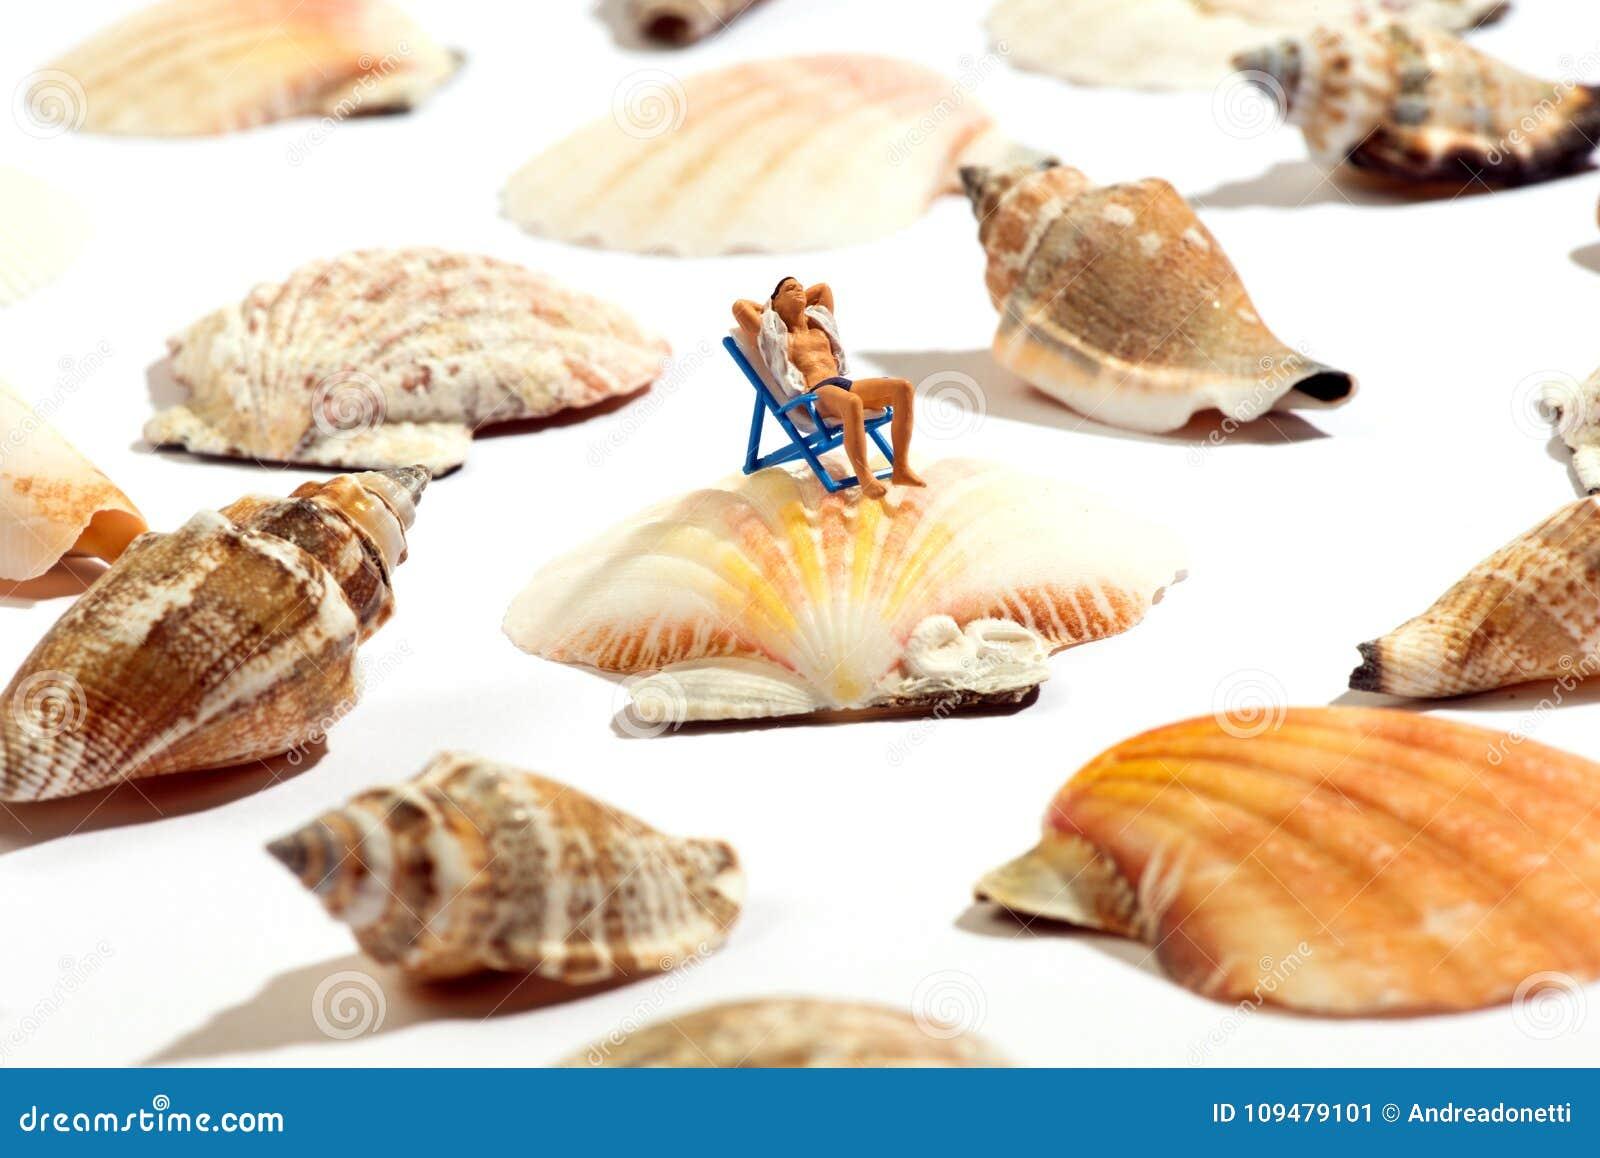 Sedie A Sdraio In Miniatura.Uomo Miniatura Che Prende Il Sole In Una Sedia A Sdraio Immagine